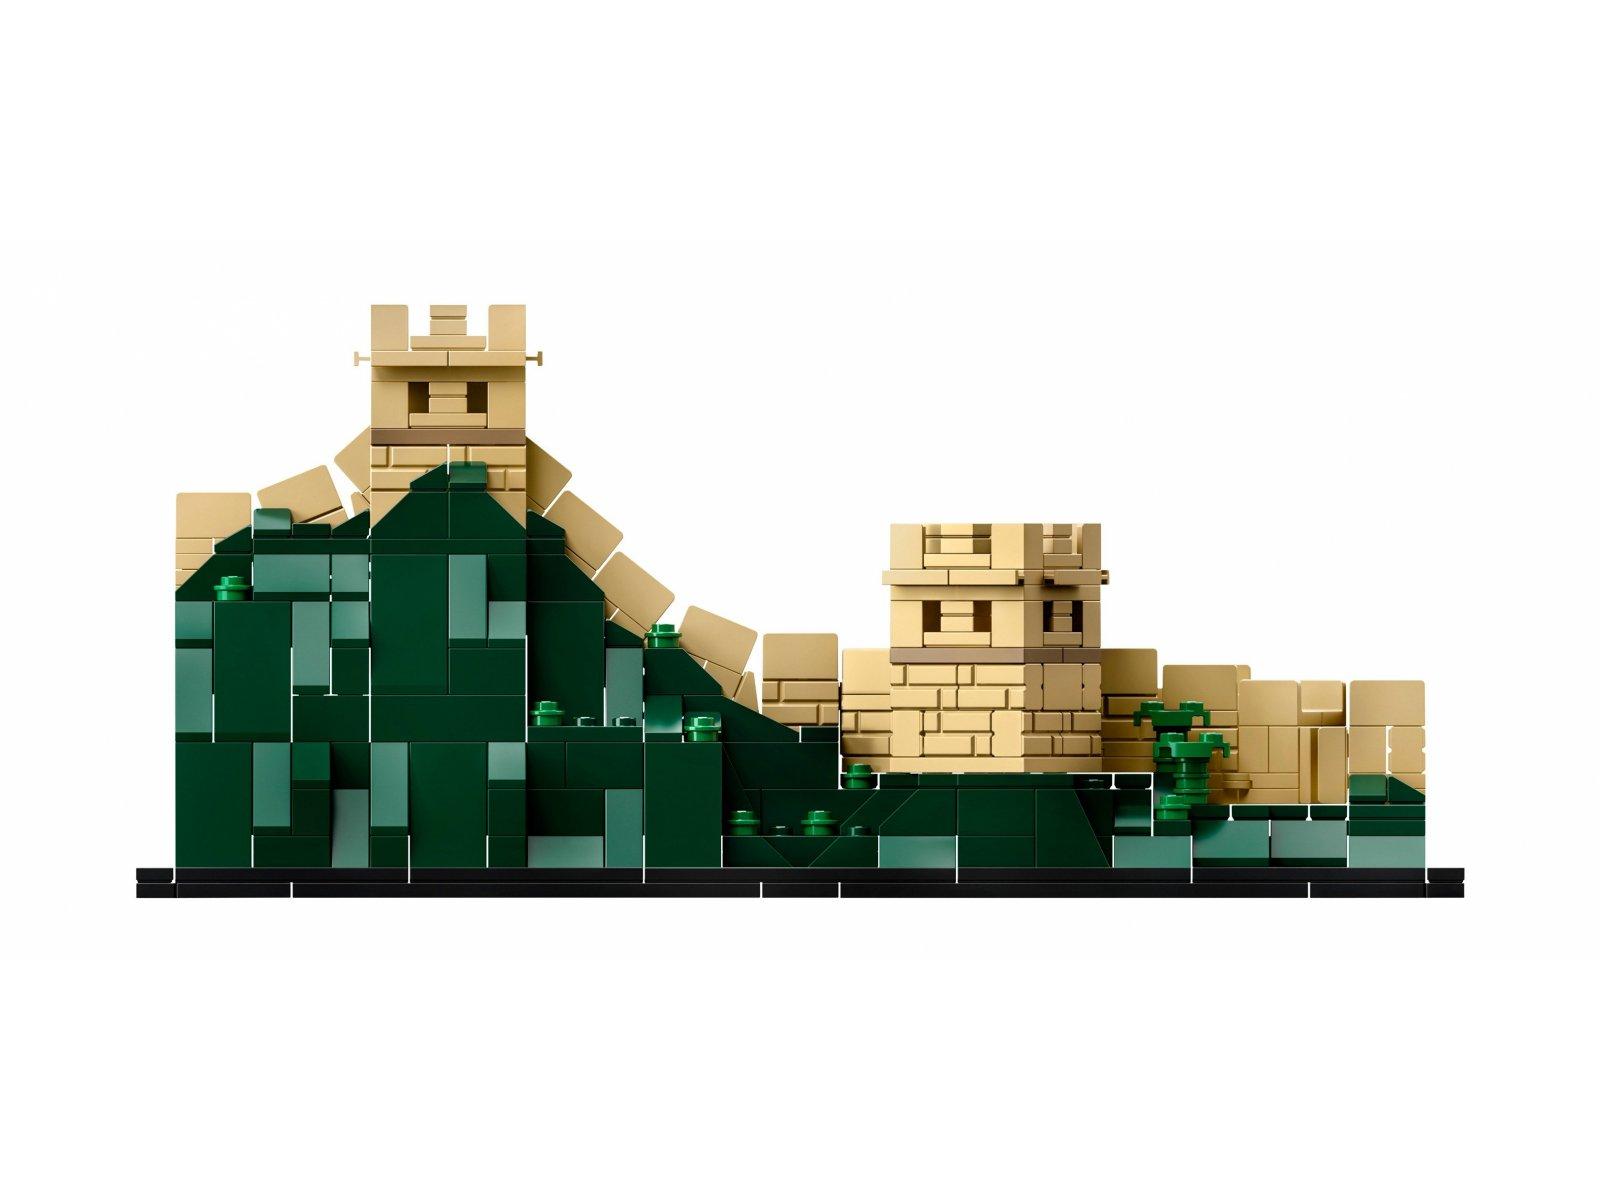 LEGO 21041 Wielki Mur Chiński